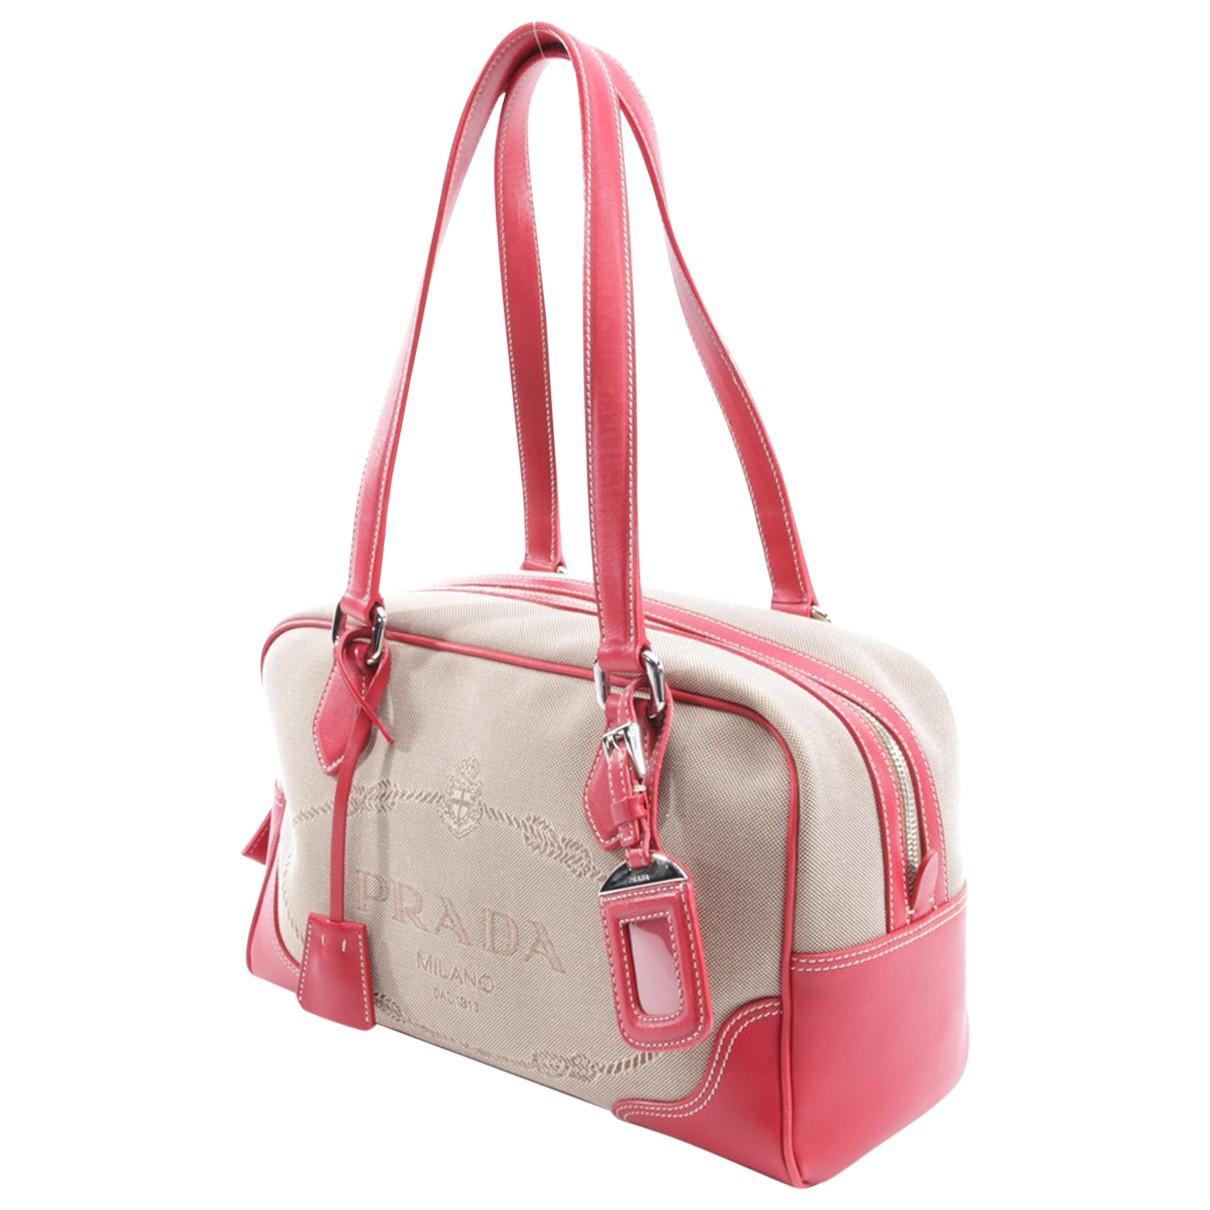 Prada \N Handtasche in  Beige Leinen